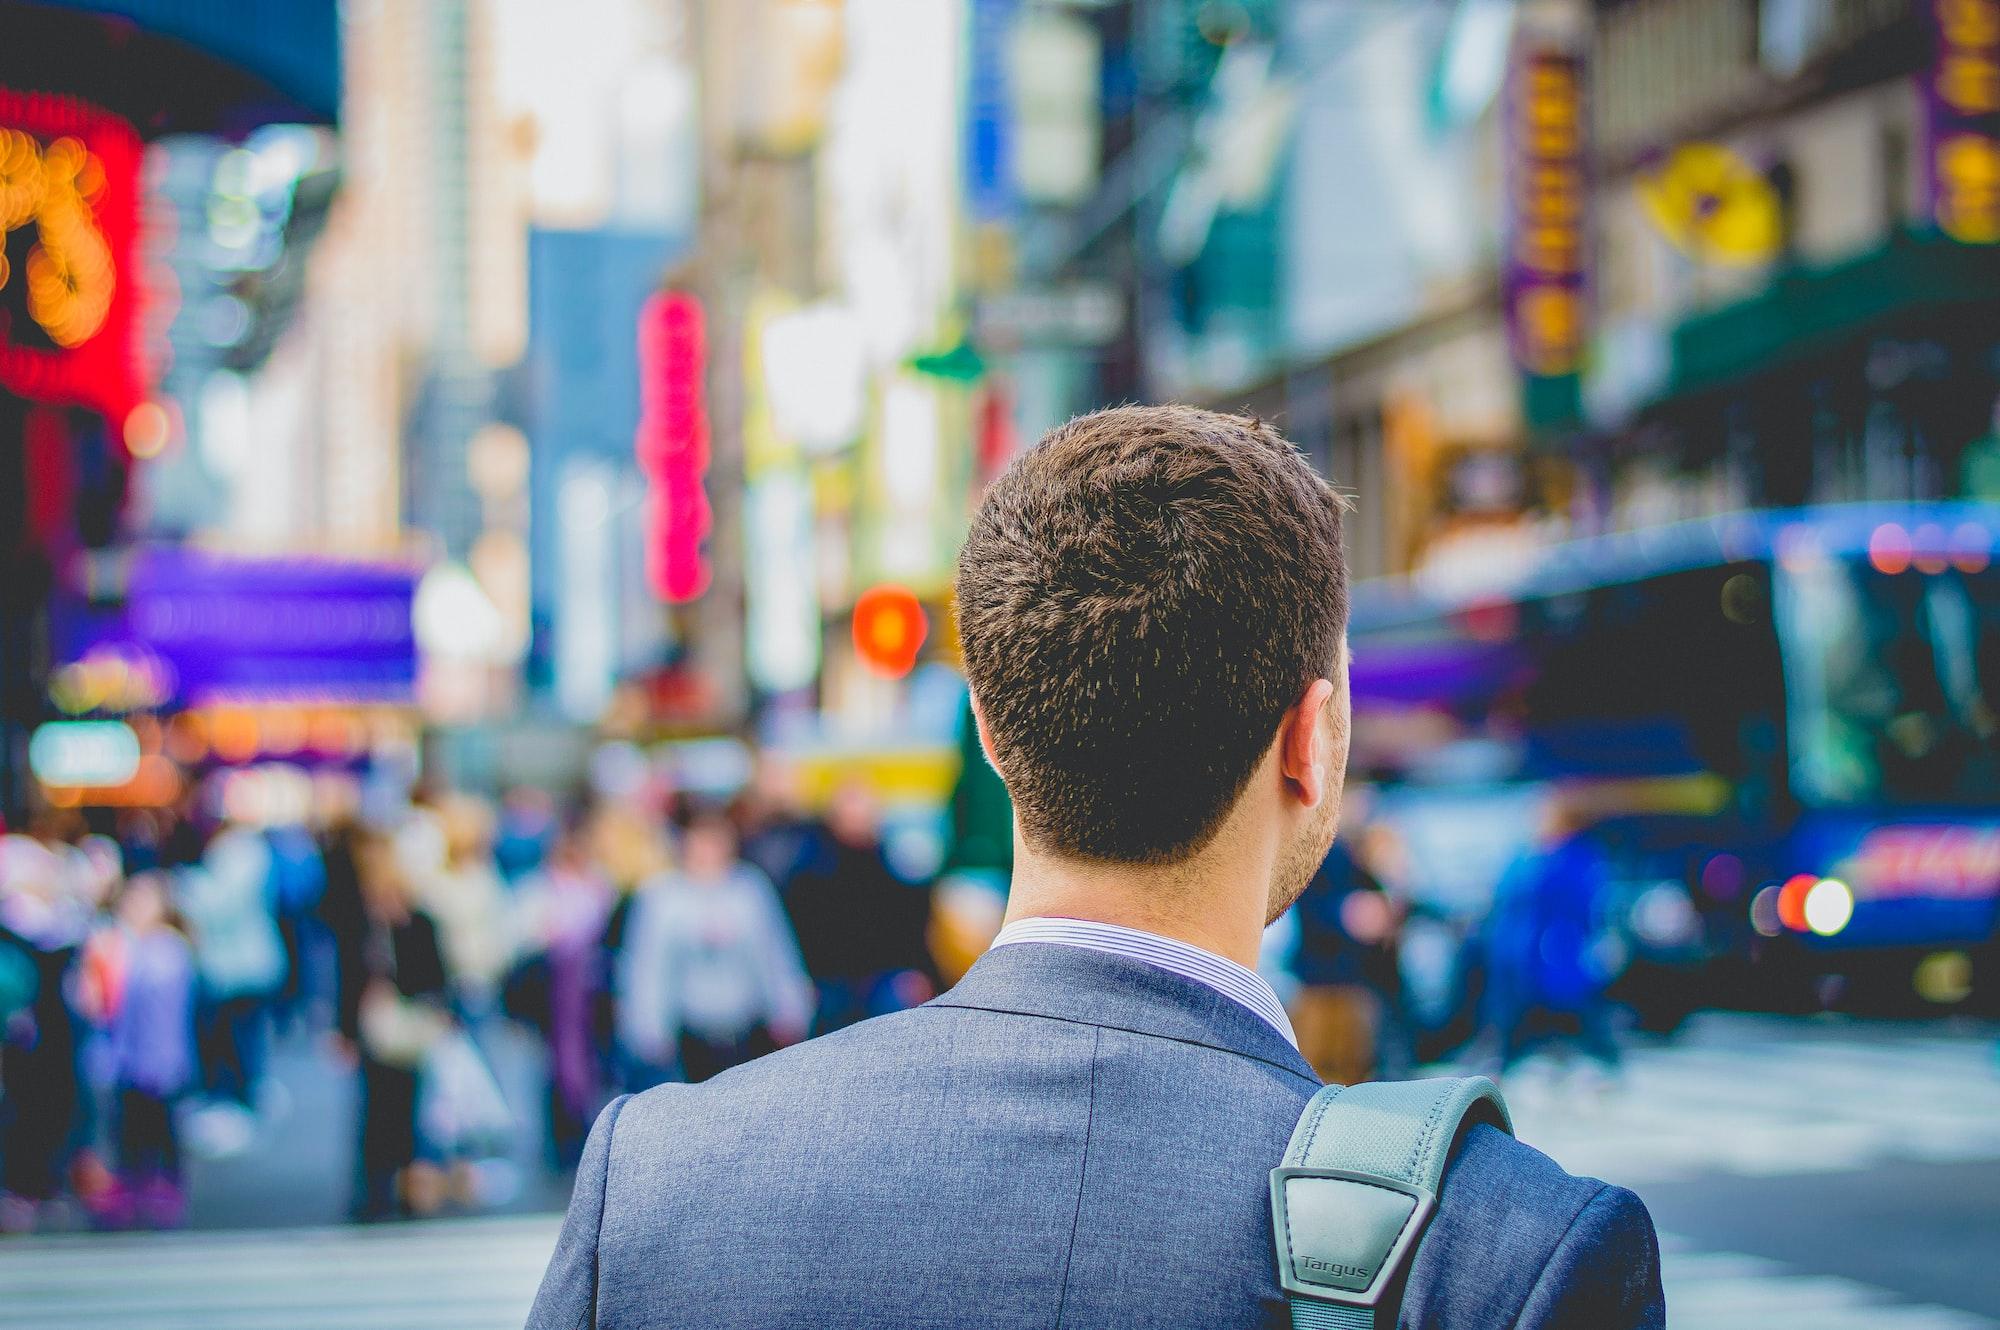 「到世界的職線距離 – 你的國際職涯也可以從台灣開始」海外工程師Aaron的驚奇職涯探索之旅